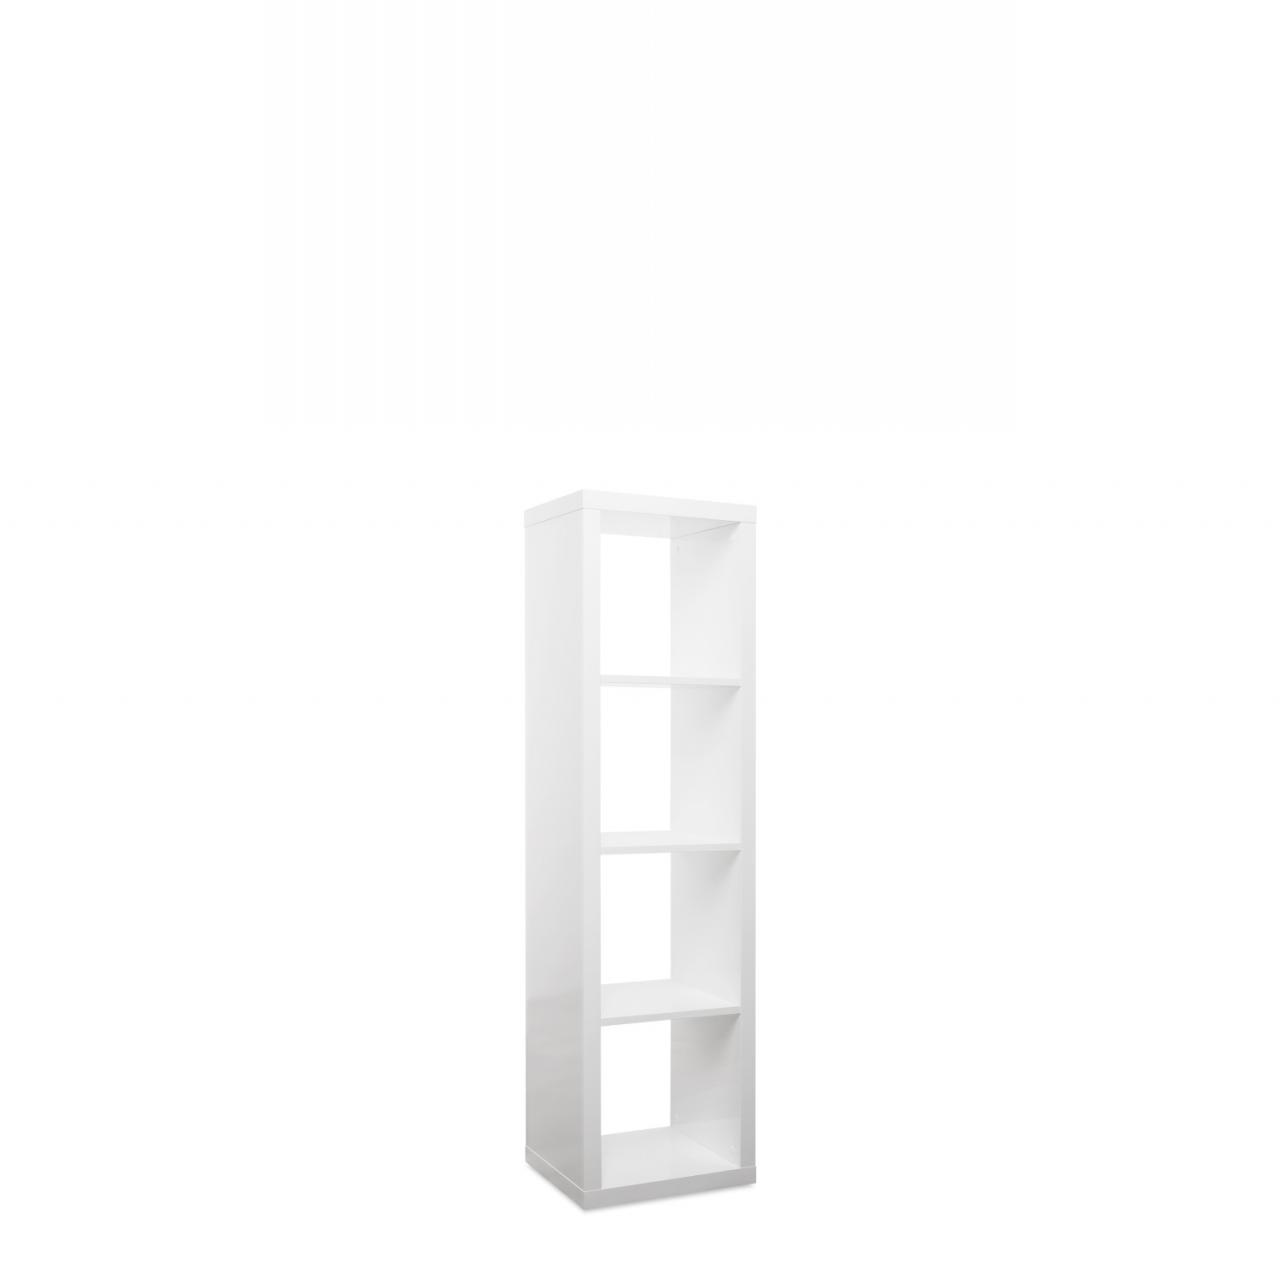 4er Säule Milano 22 2722 Regal Weiß Hochglanz Aufbewahrung Bücherregal